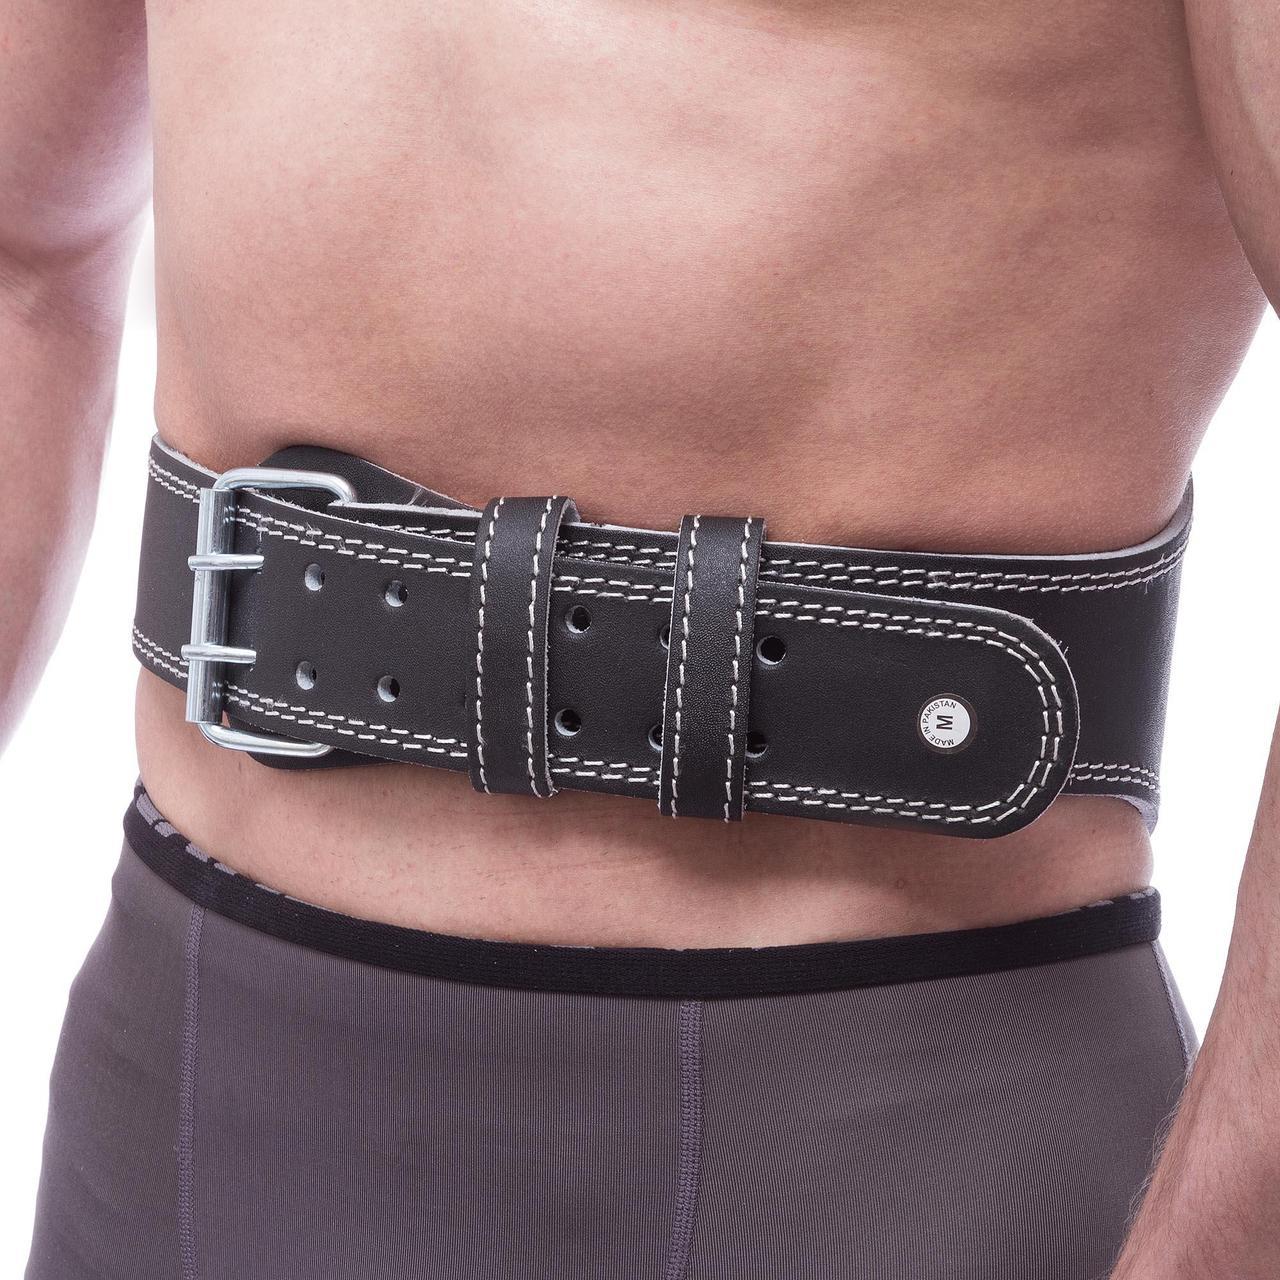 Пояс атлетический кожаный FAIRTEX 161078 (ширина-6in (15см), р-р S-XL, с подкладкой для спины, черный)